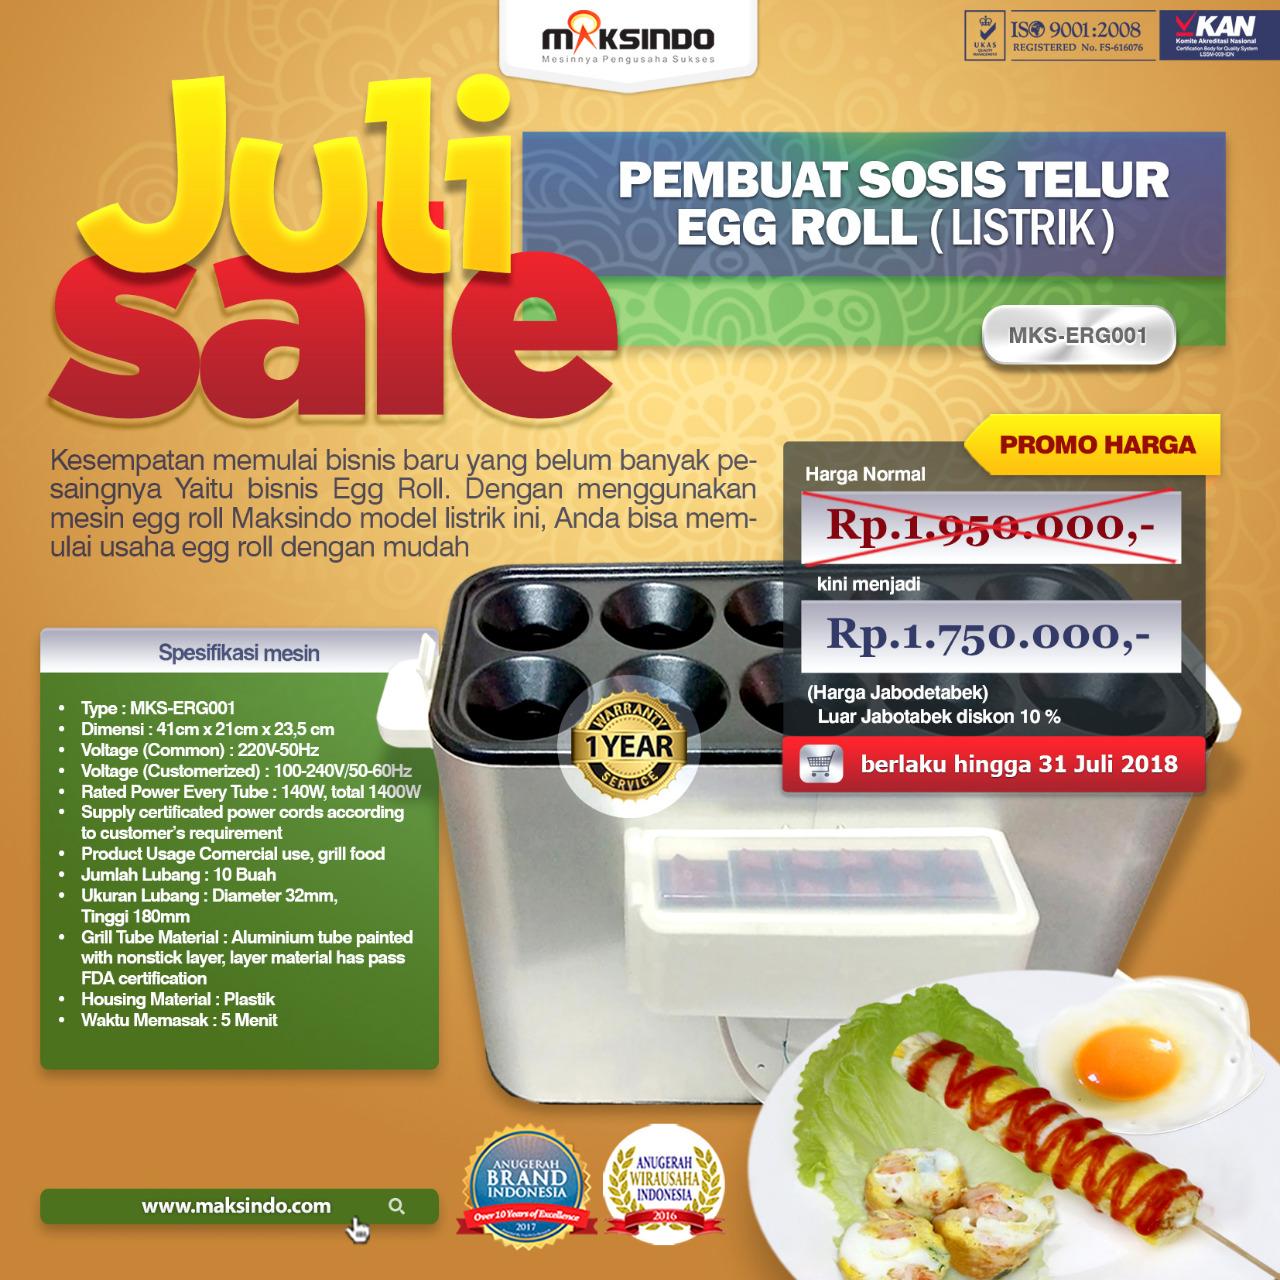 Jual Mesin Pembuat Egg Roll Listrik Mks Erg001 Di Medan Toko Alat Sosis Telur 4 Lubang Sostel Lobang